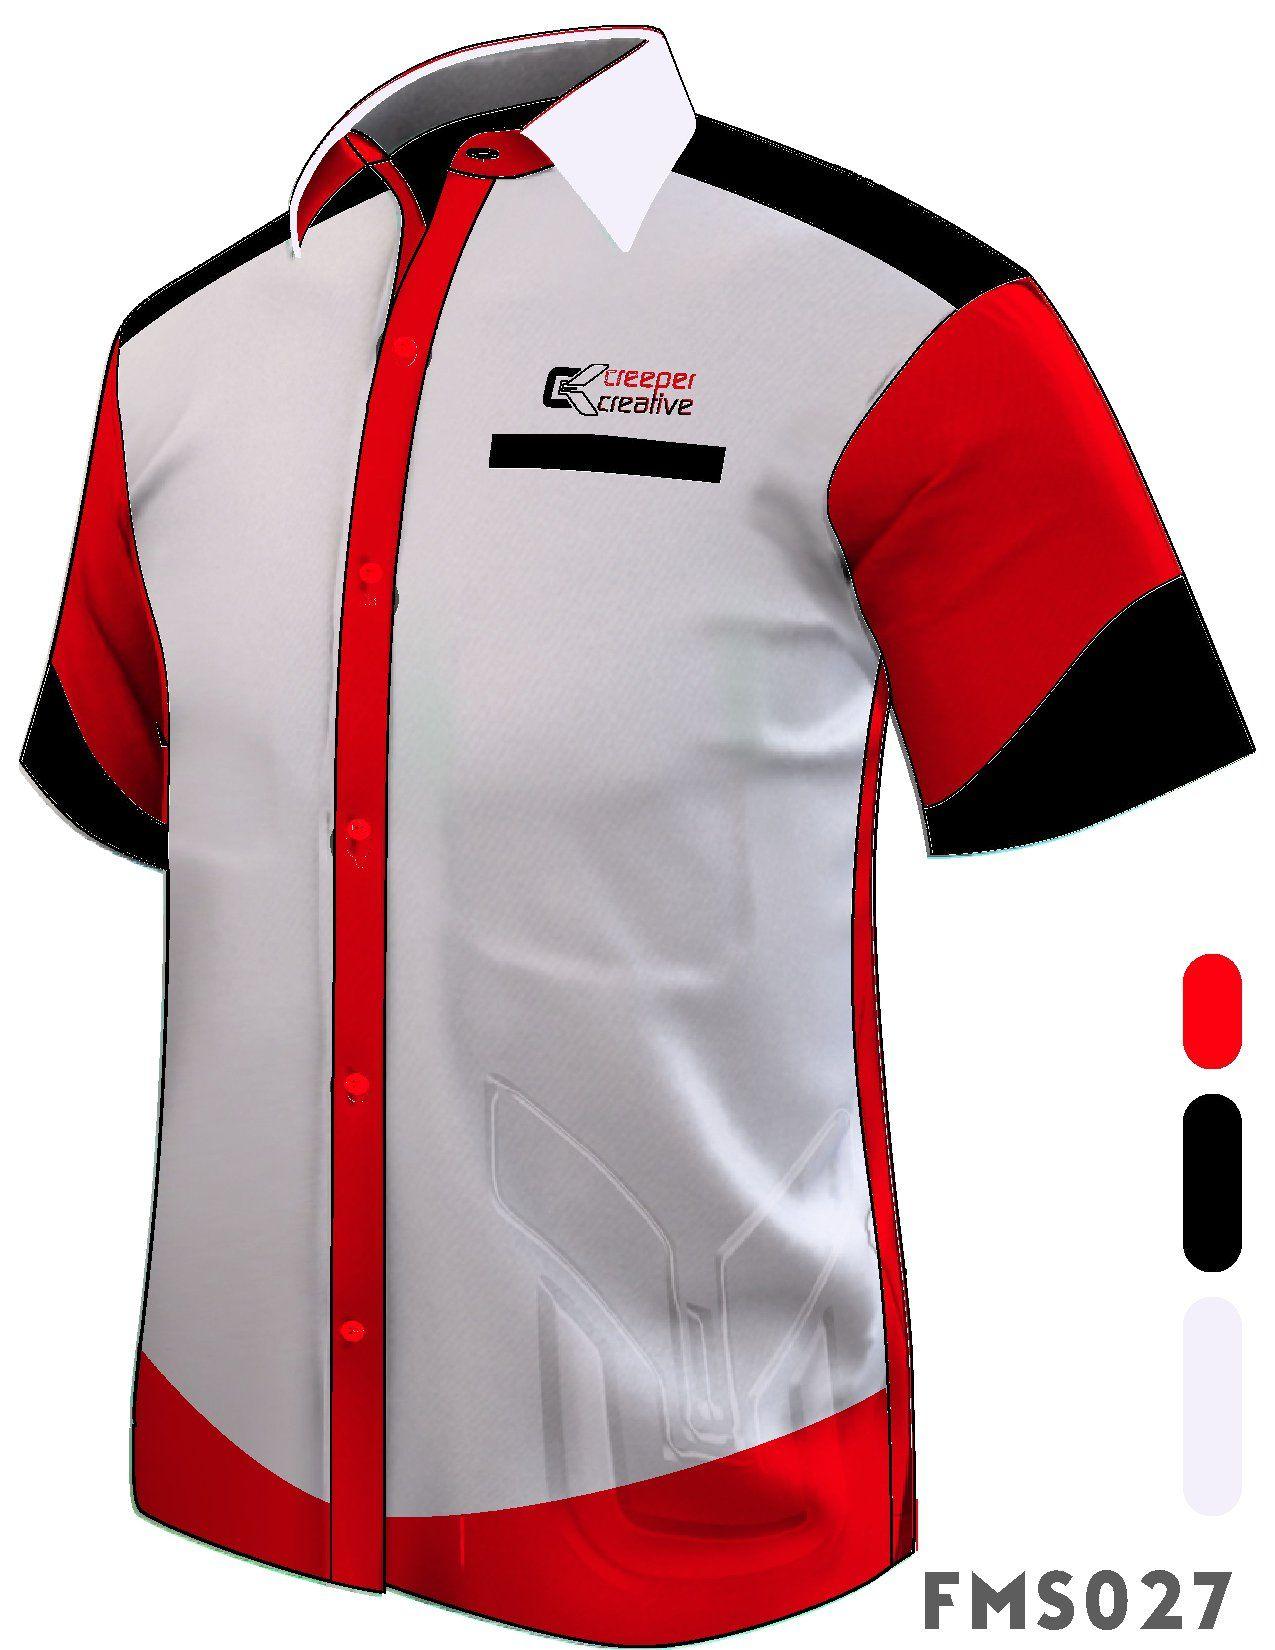 Tempah Baju Korporat Anda Disini Pilih Rekaan Baju Korporat Cvvustomade Yang Boleh Jahit Mengikut Citaras Polo Shirt Design Corporate Shirts Womens Work Shirt